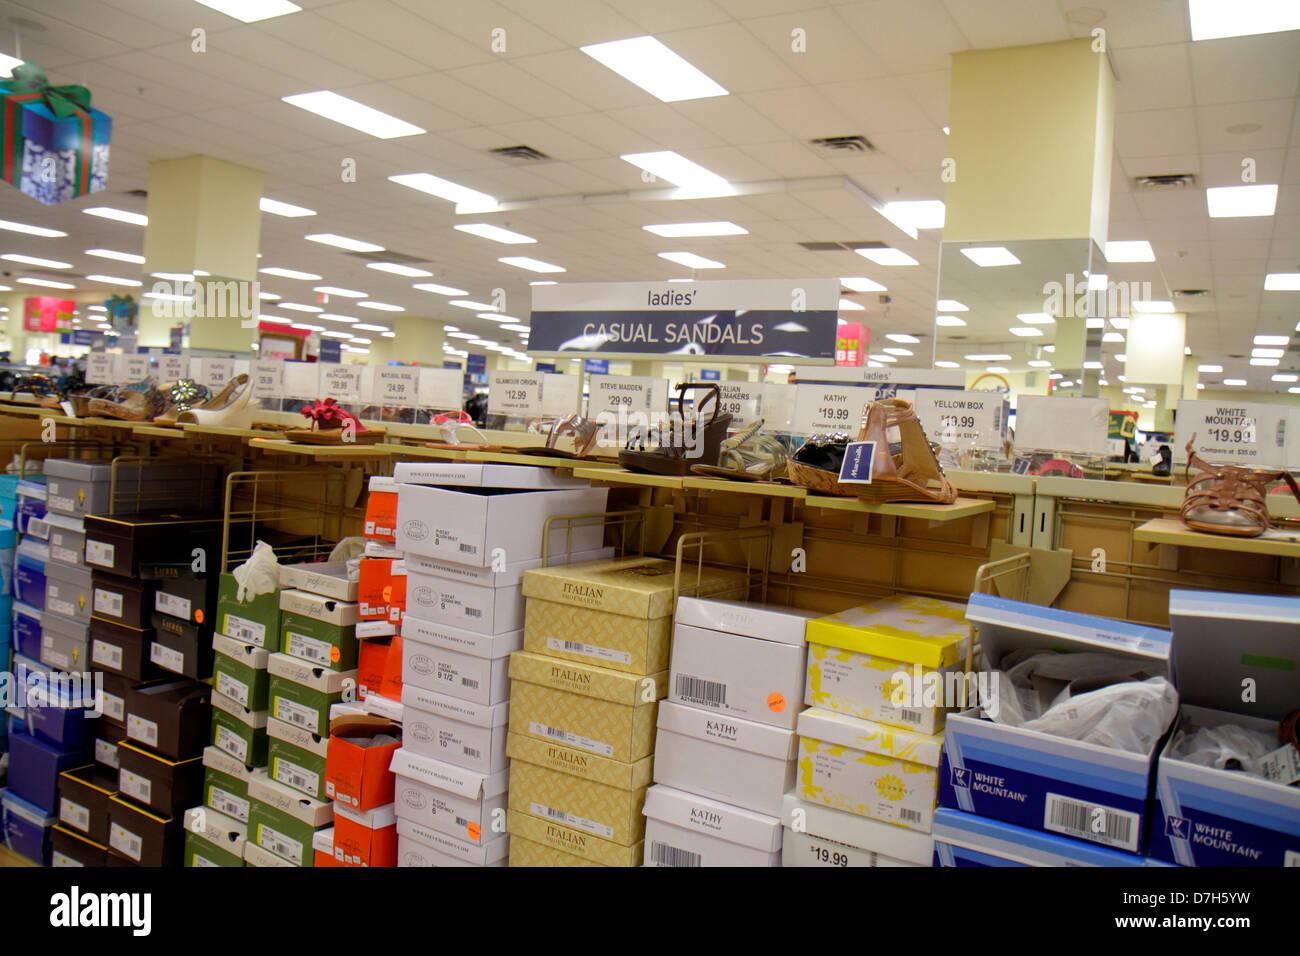 141621e7e15f4 Miami Florida shopping Marshall s discount department store scarpe donna  scatole display retail per la vendita Immagini